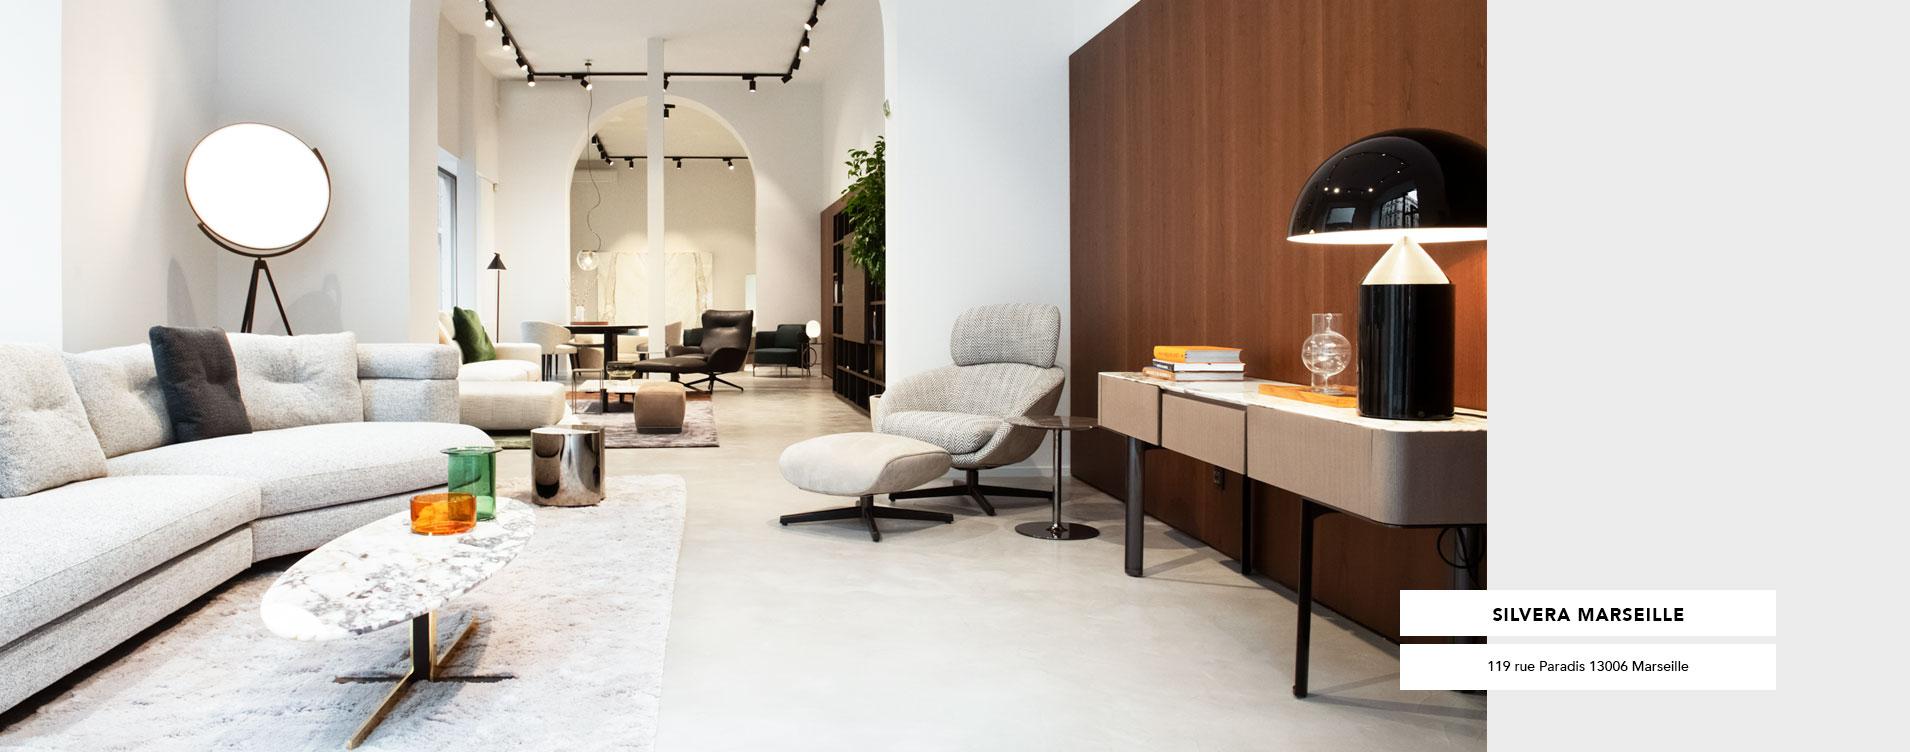 Mobilier Design & Aménagement d\'espace pour Pro & Particulier | Silvera